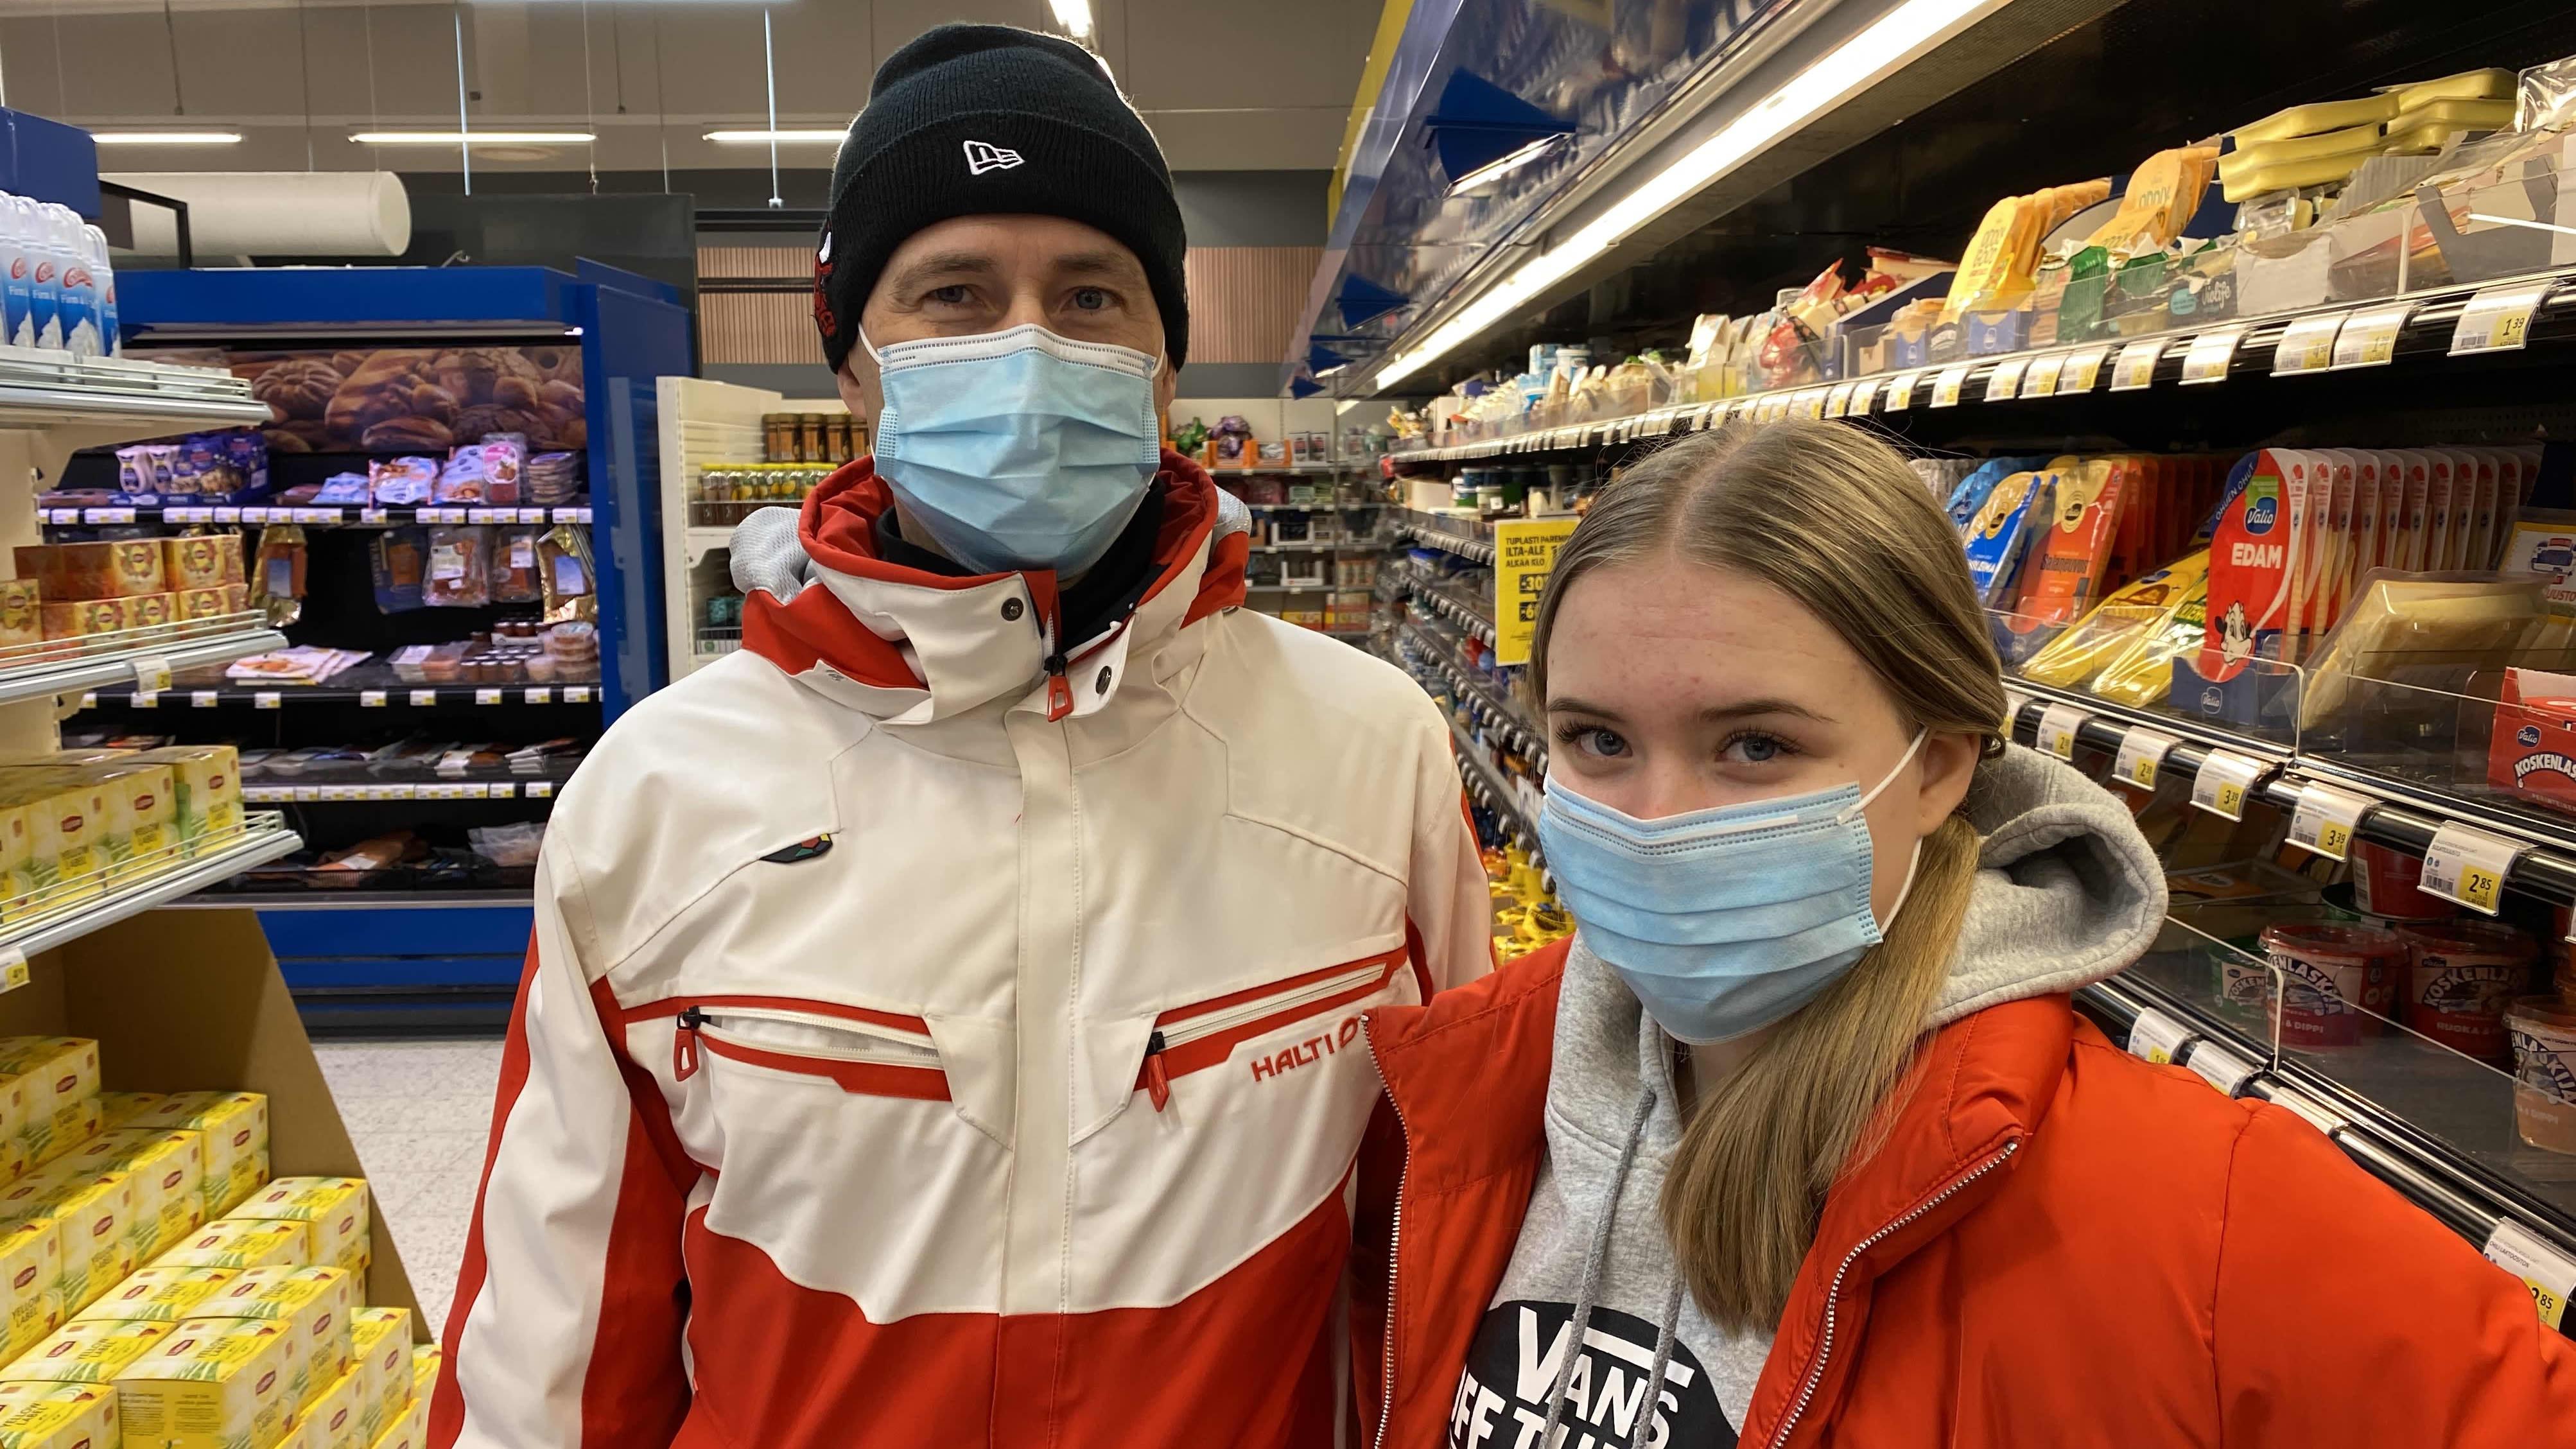 Kuopiolaisille Veli-Pekka ja Pinja Kärnälle maskin käytöstä on tullut uusi normaali.